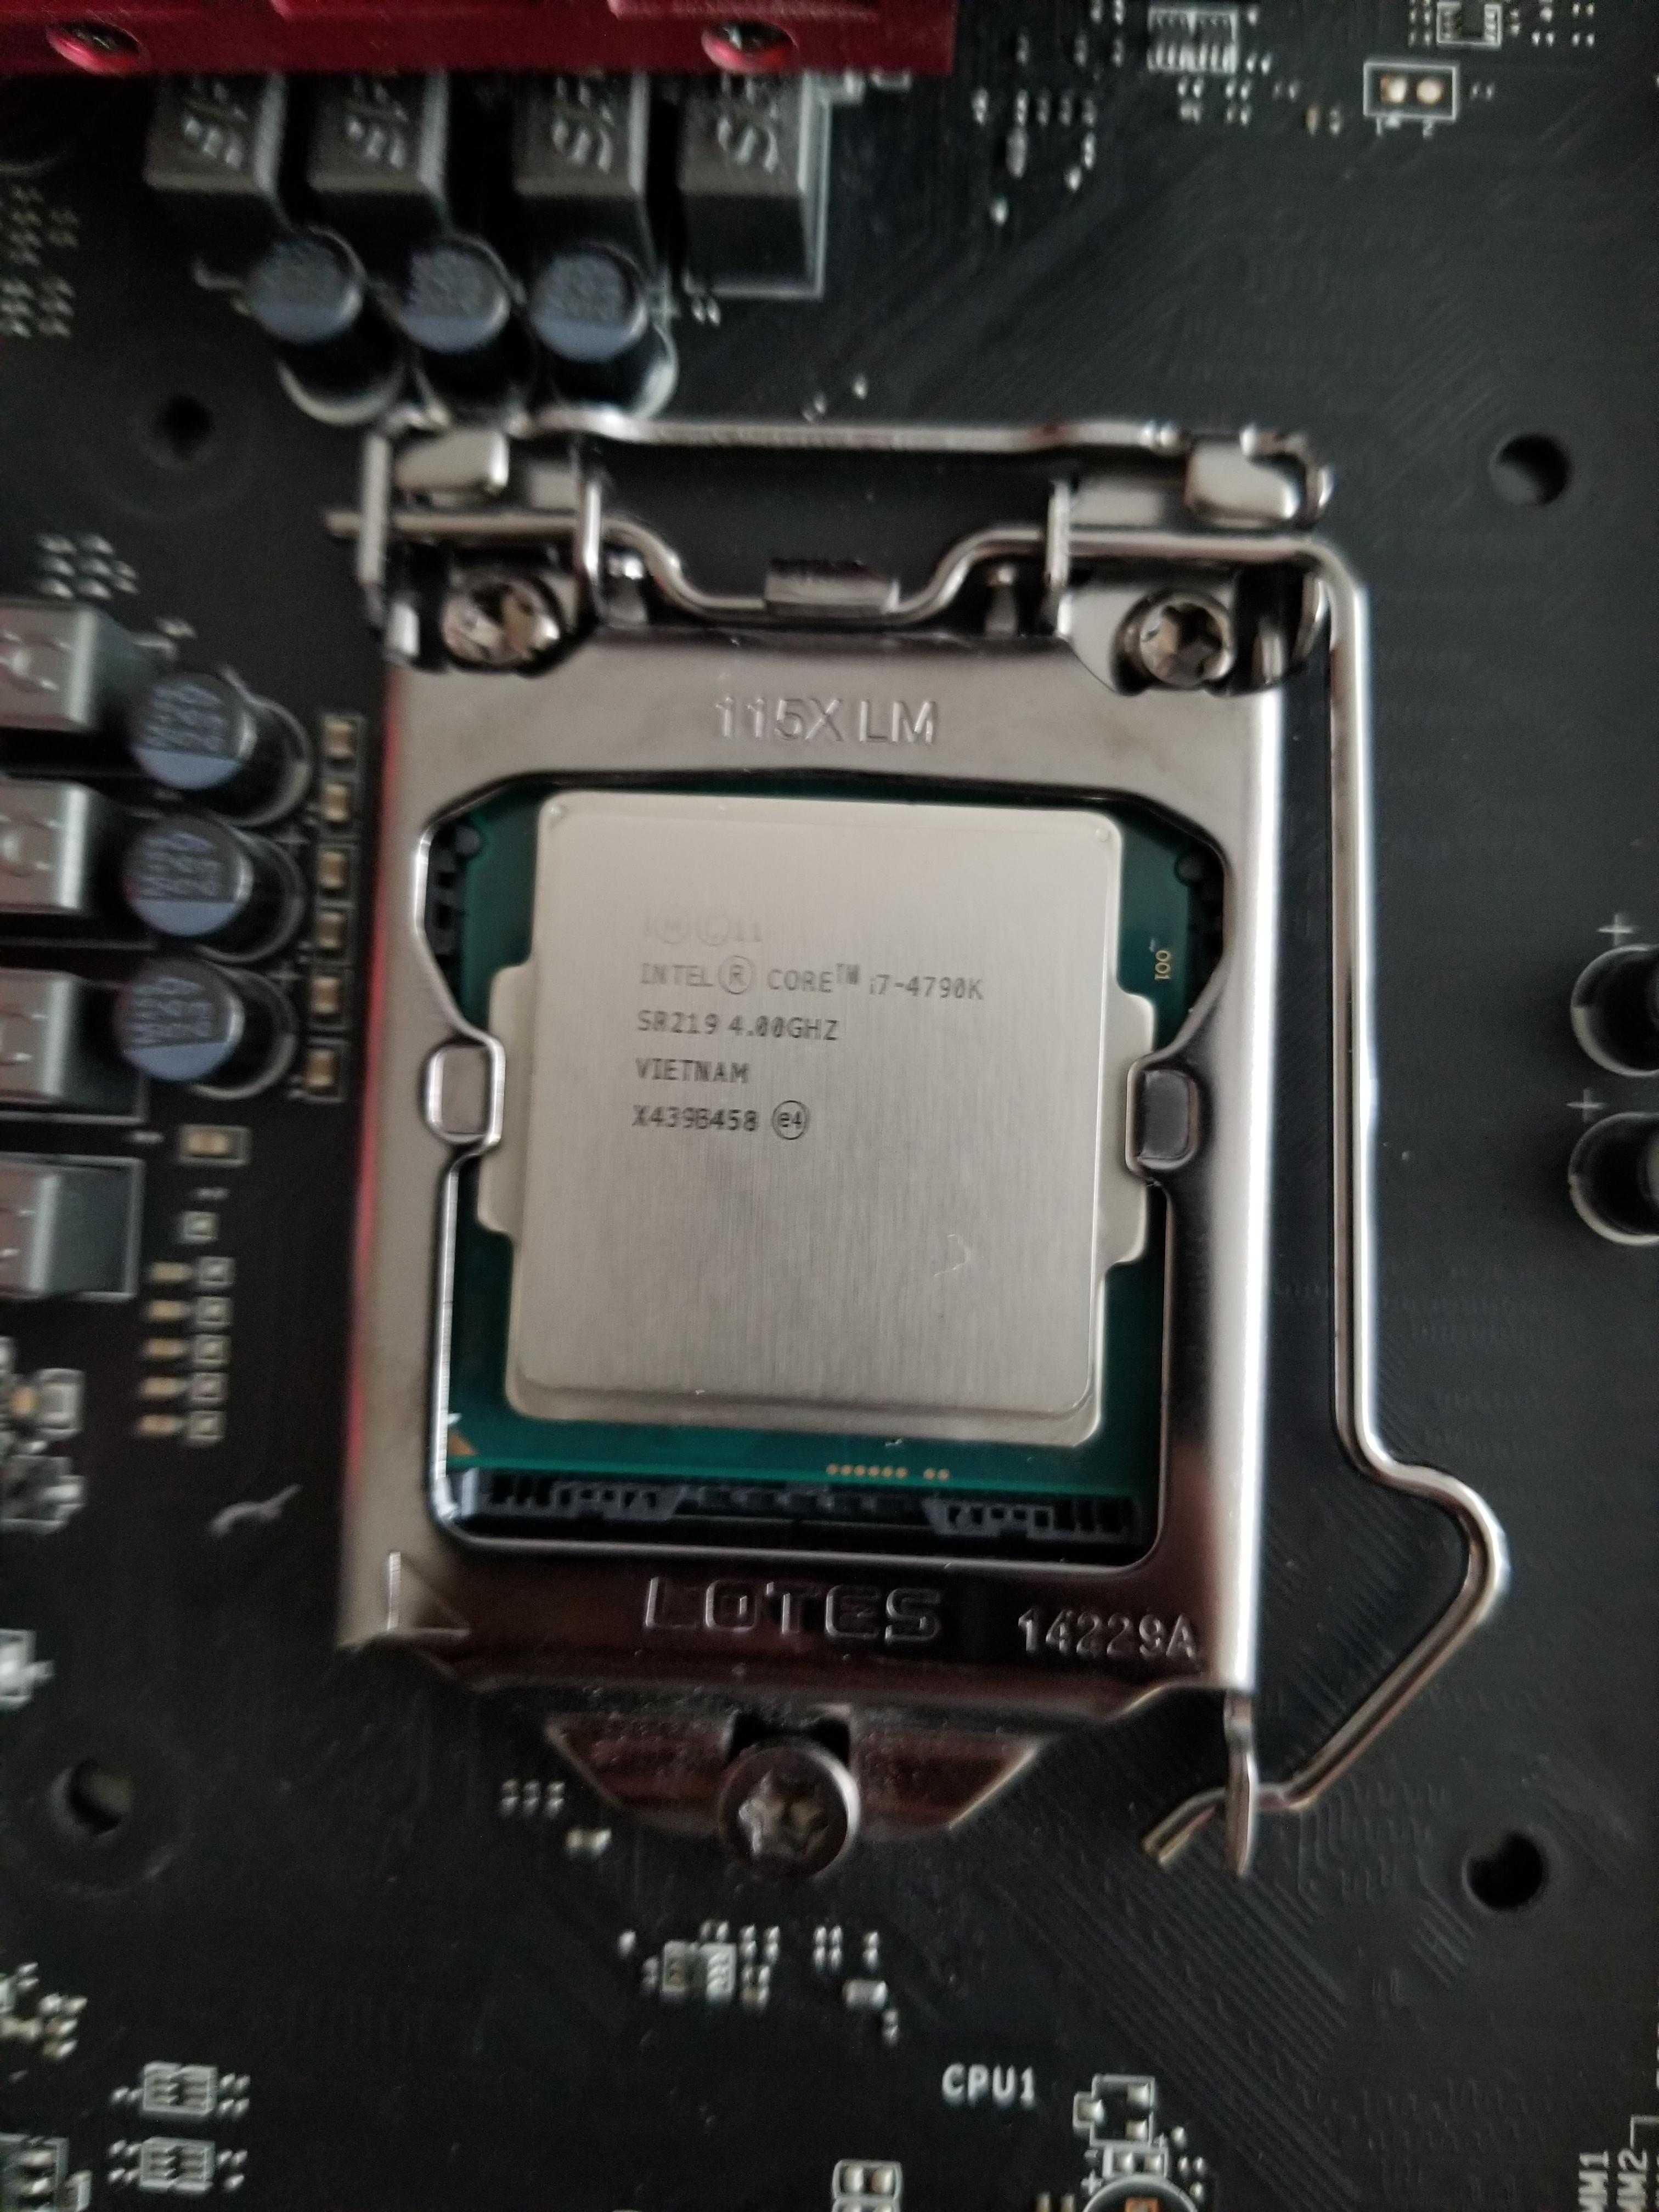 Delidded 4790k, 16GB DDR3 Ram, MSI Z97 Gaming 5 Motherboard